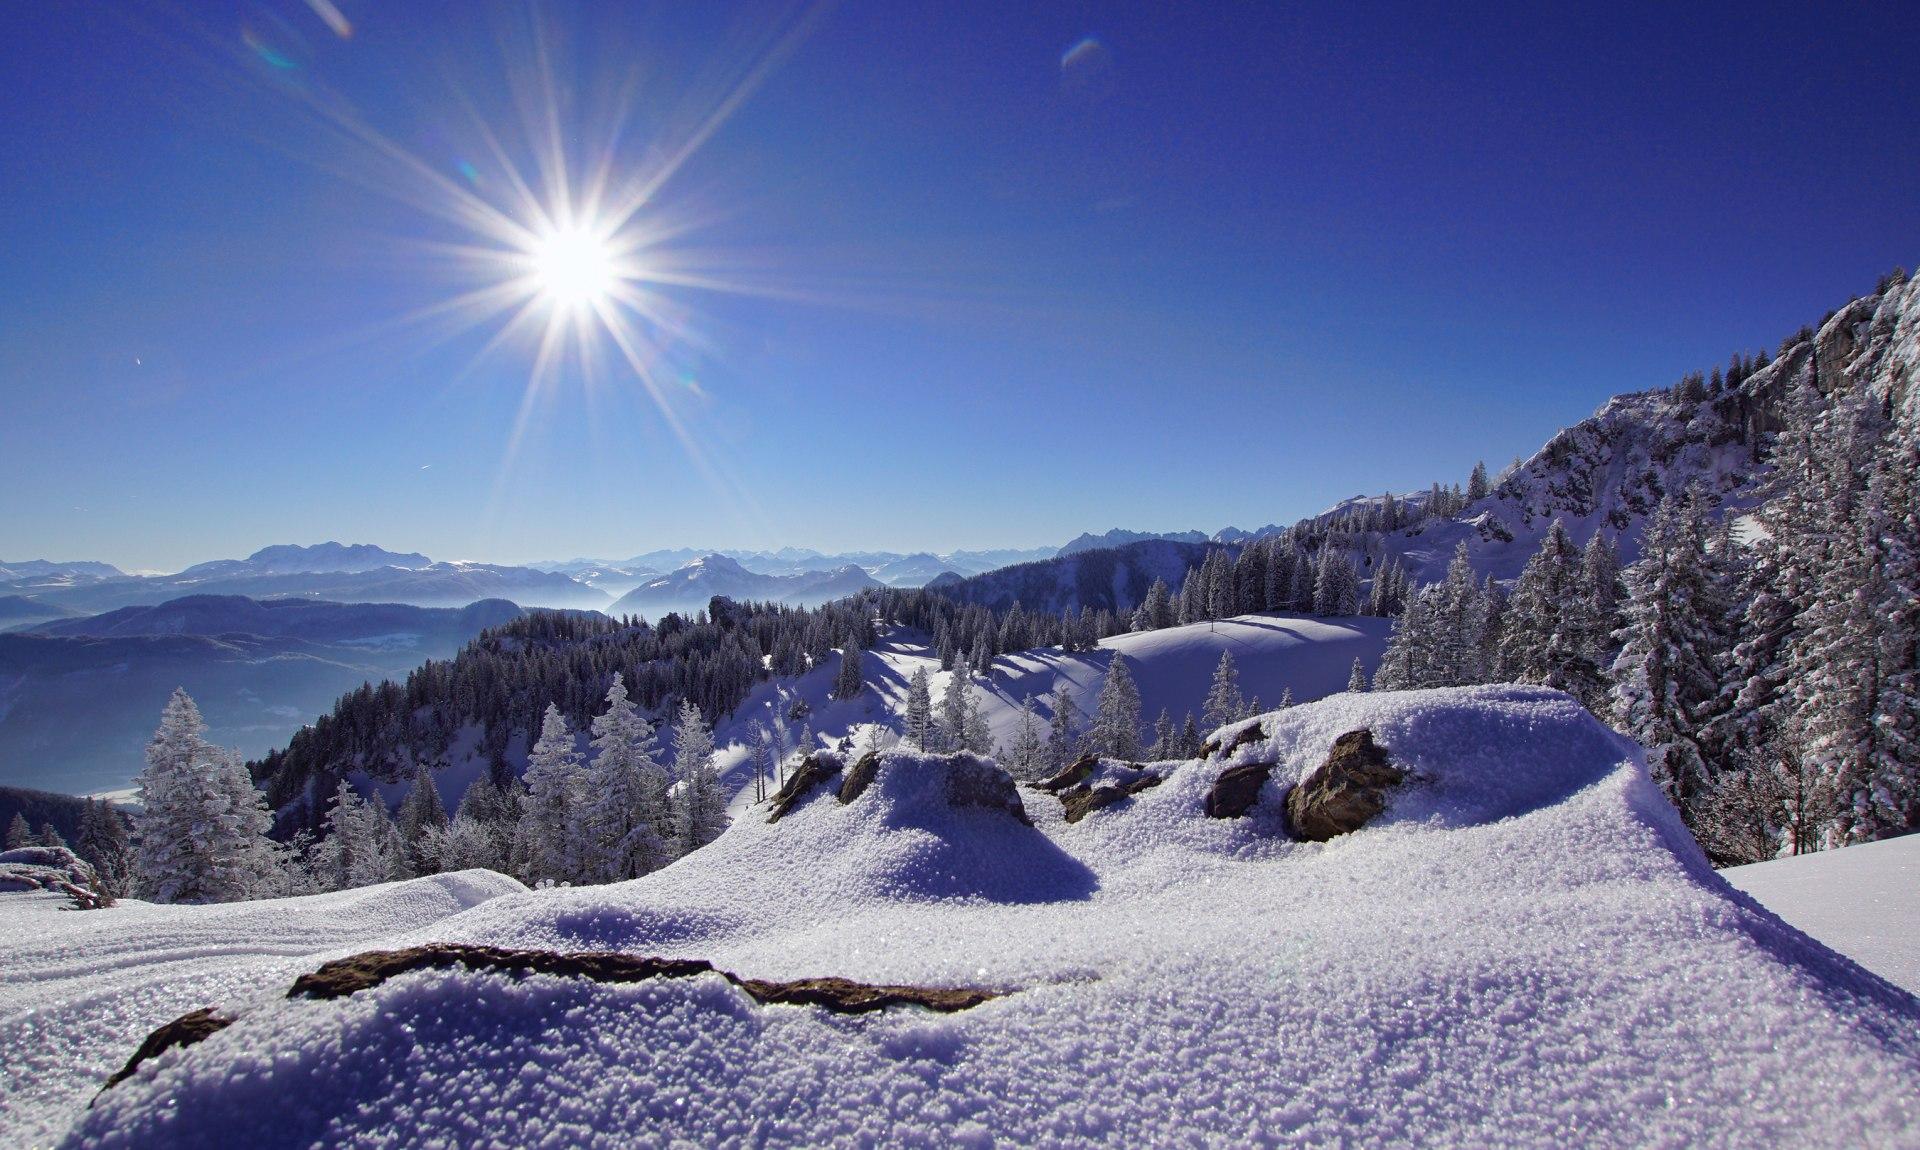 Kampenwand im Winter, © Claus Schuhmann